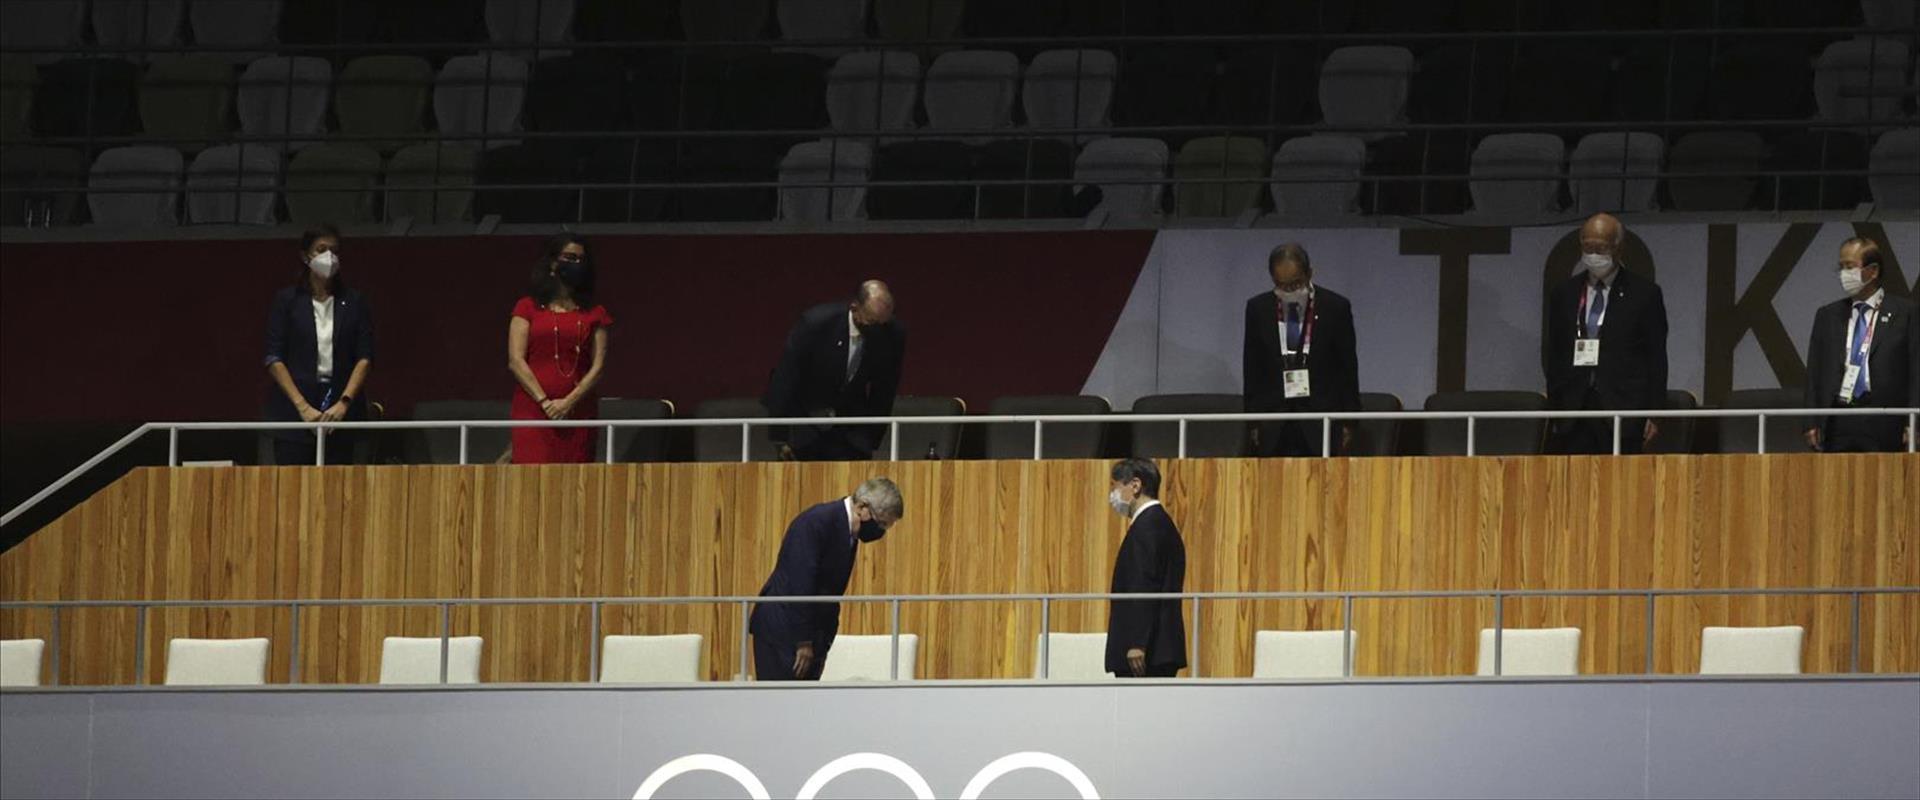 קיסר יפן במשחקים האולימפיים בטוקיו